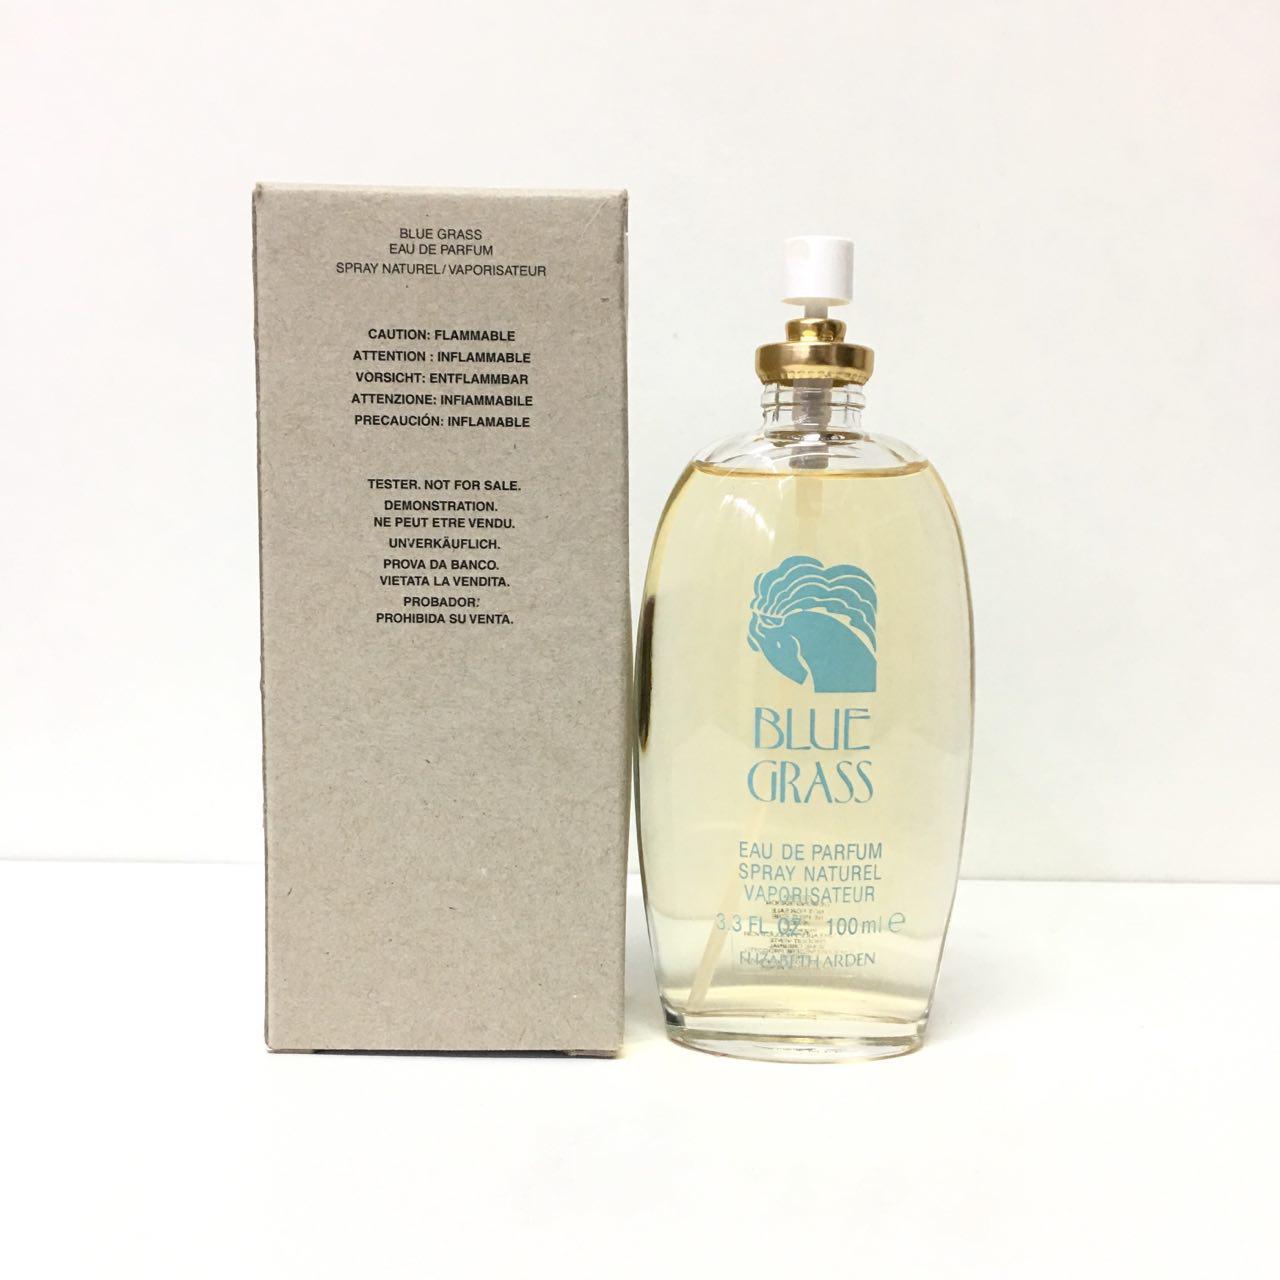 Женские духи ELIZABETH ARDEN Blue Grass 100ml парфюмированная вода ТЕСТЕР свежий цветочно-зеленый аромат